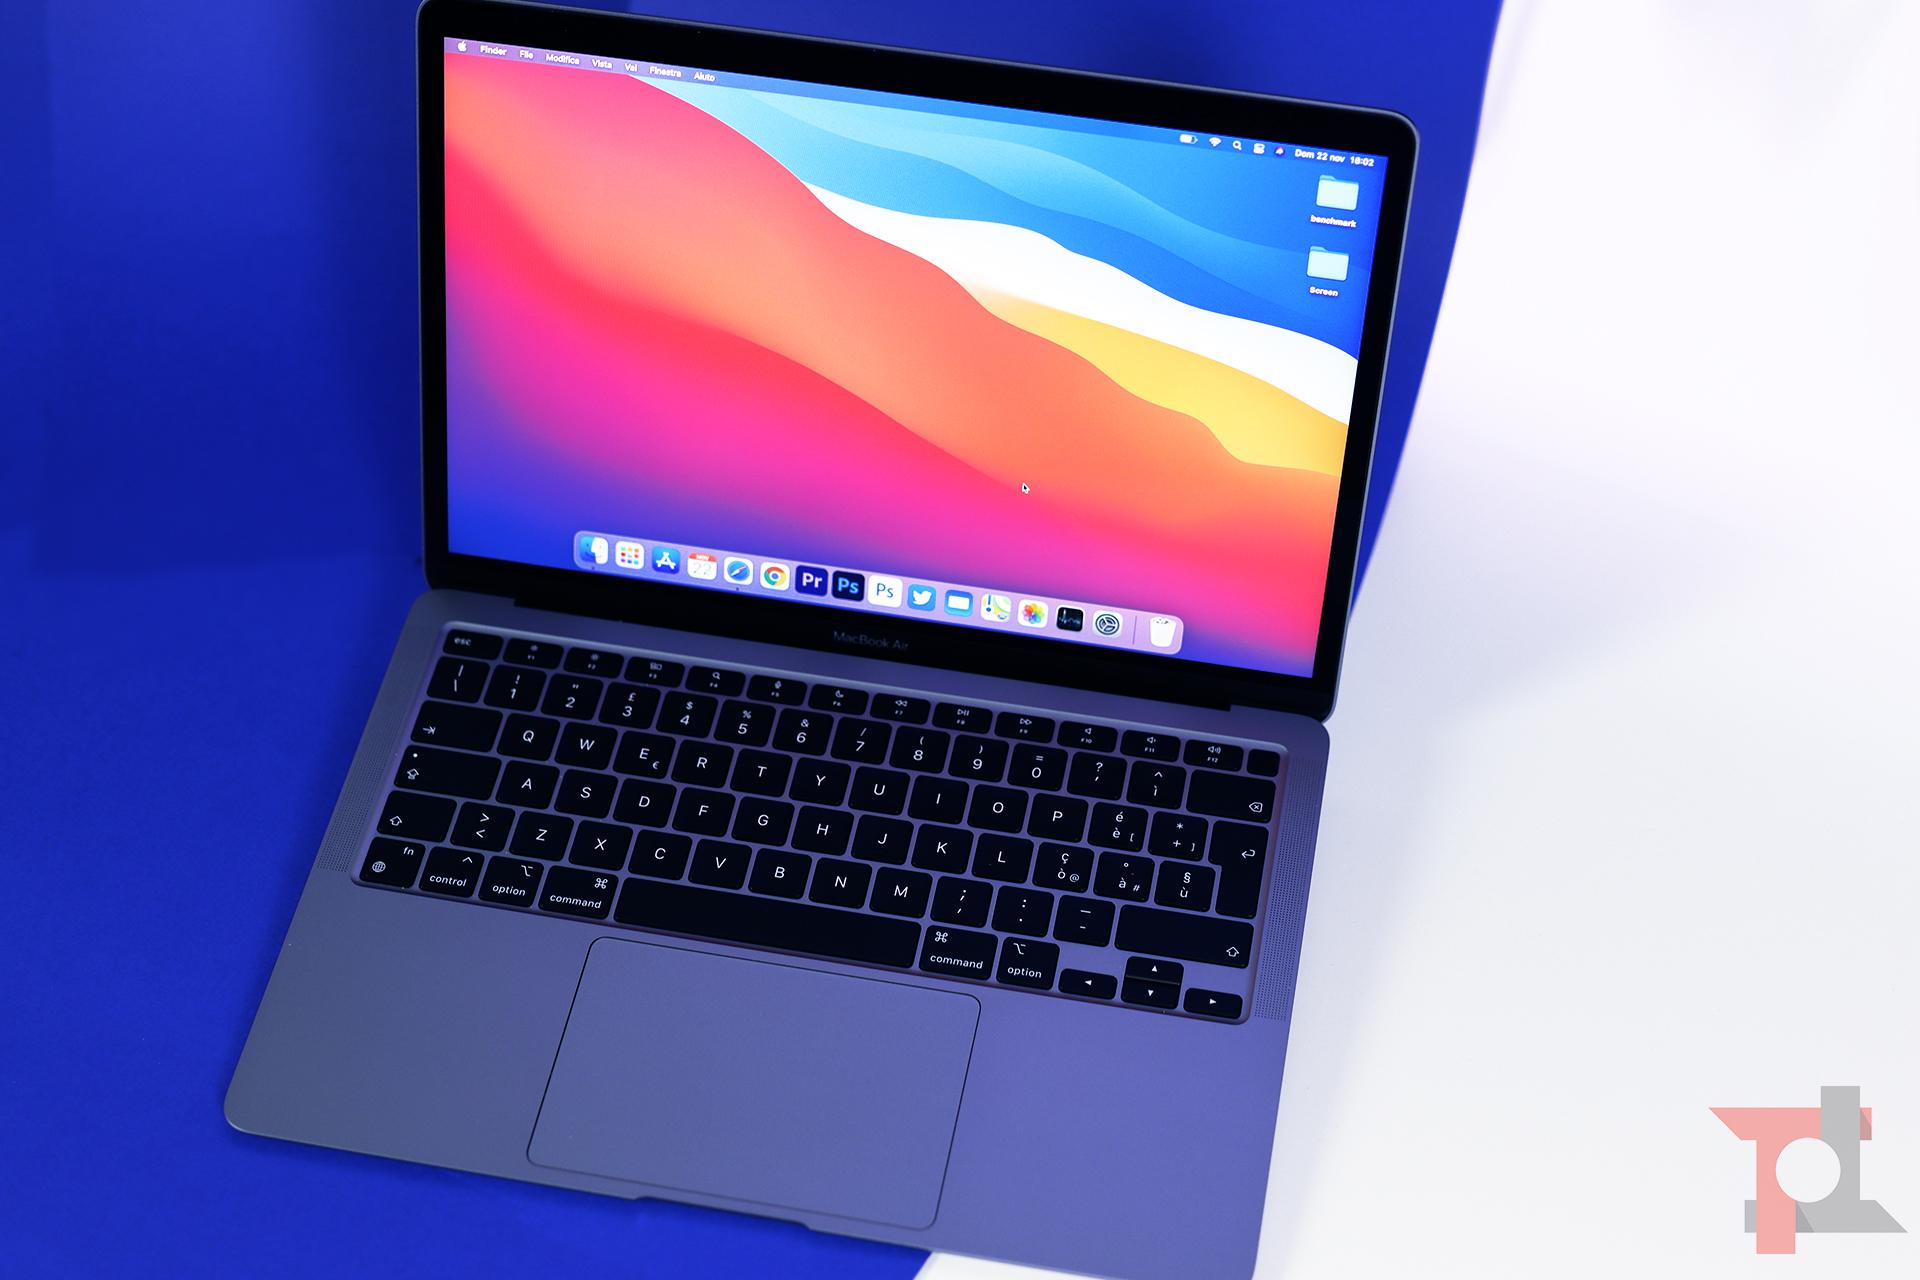 apple macbook air m1 prestazioni